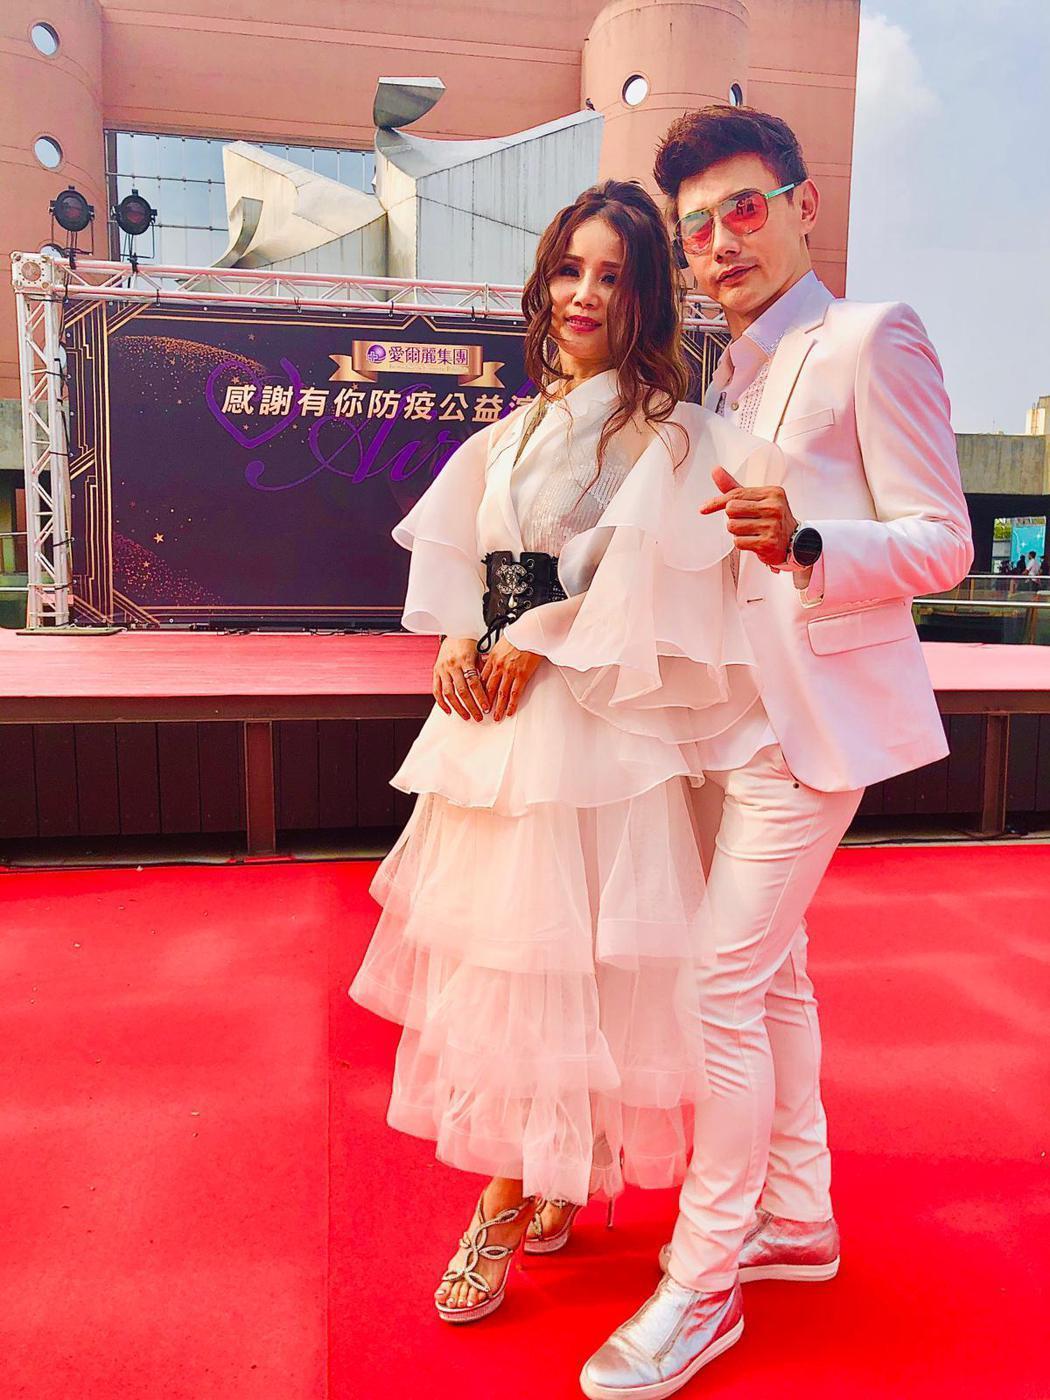 包偉銘與老婆劉依純走紅毯宛如一對新人。圖/翰森娛樂提供